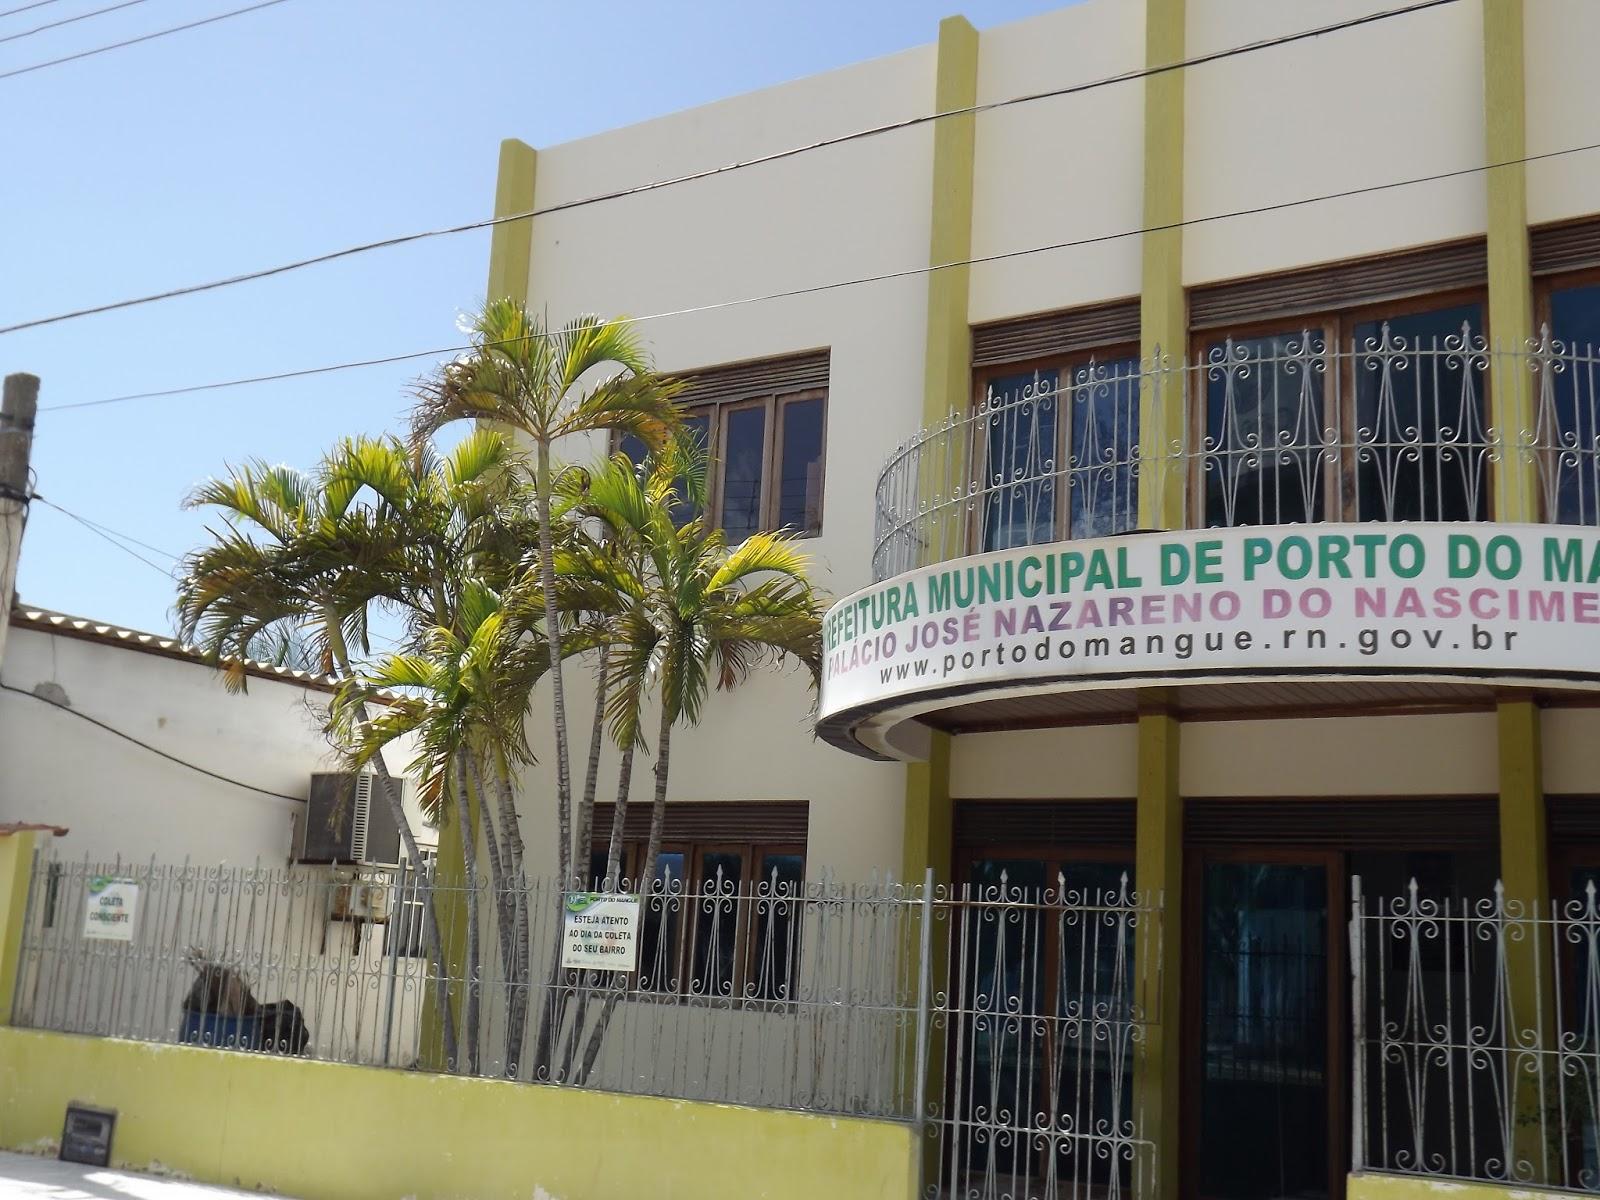 Resultado de imagem para imagem de CIDade de porto do maNGUE